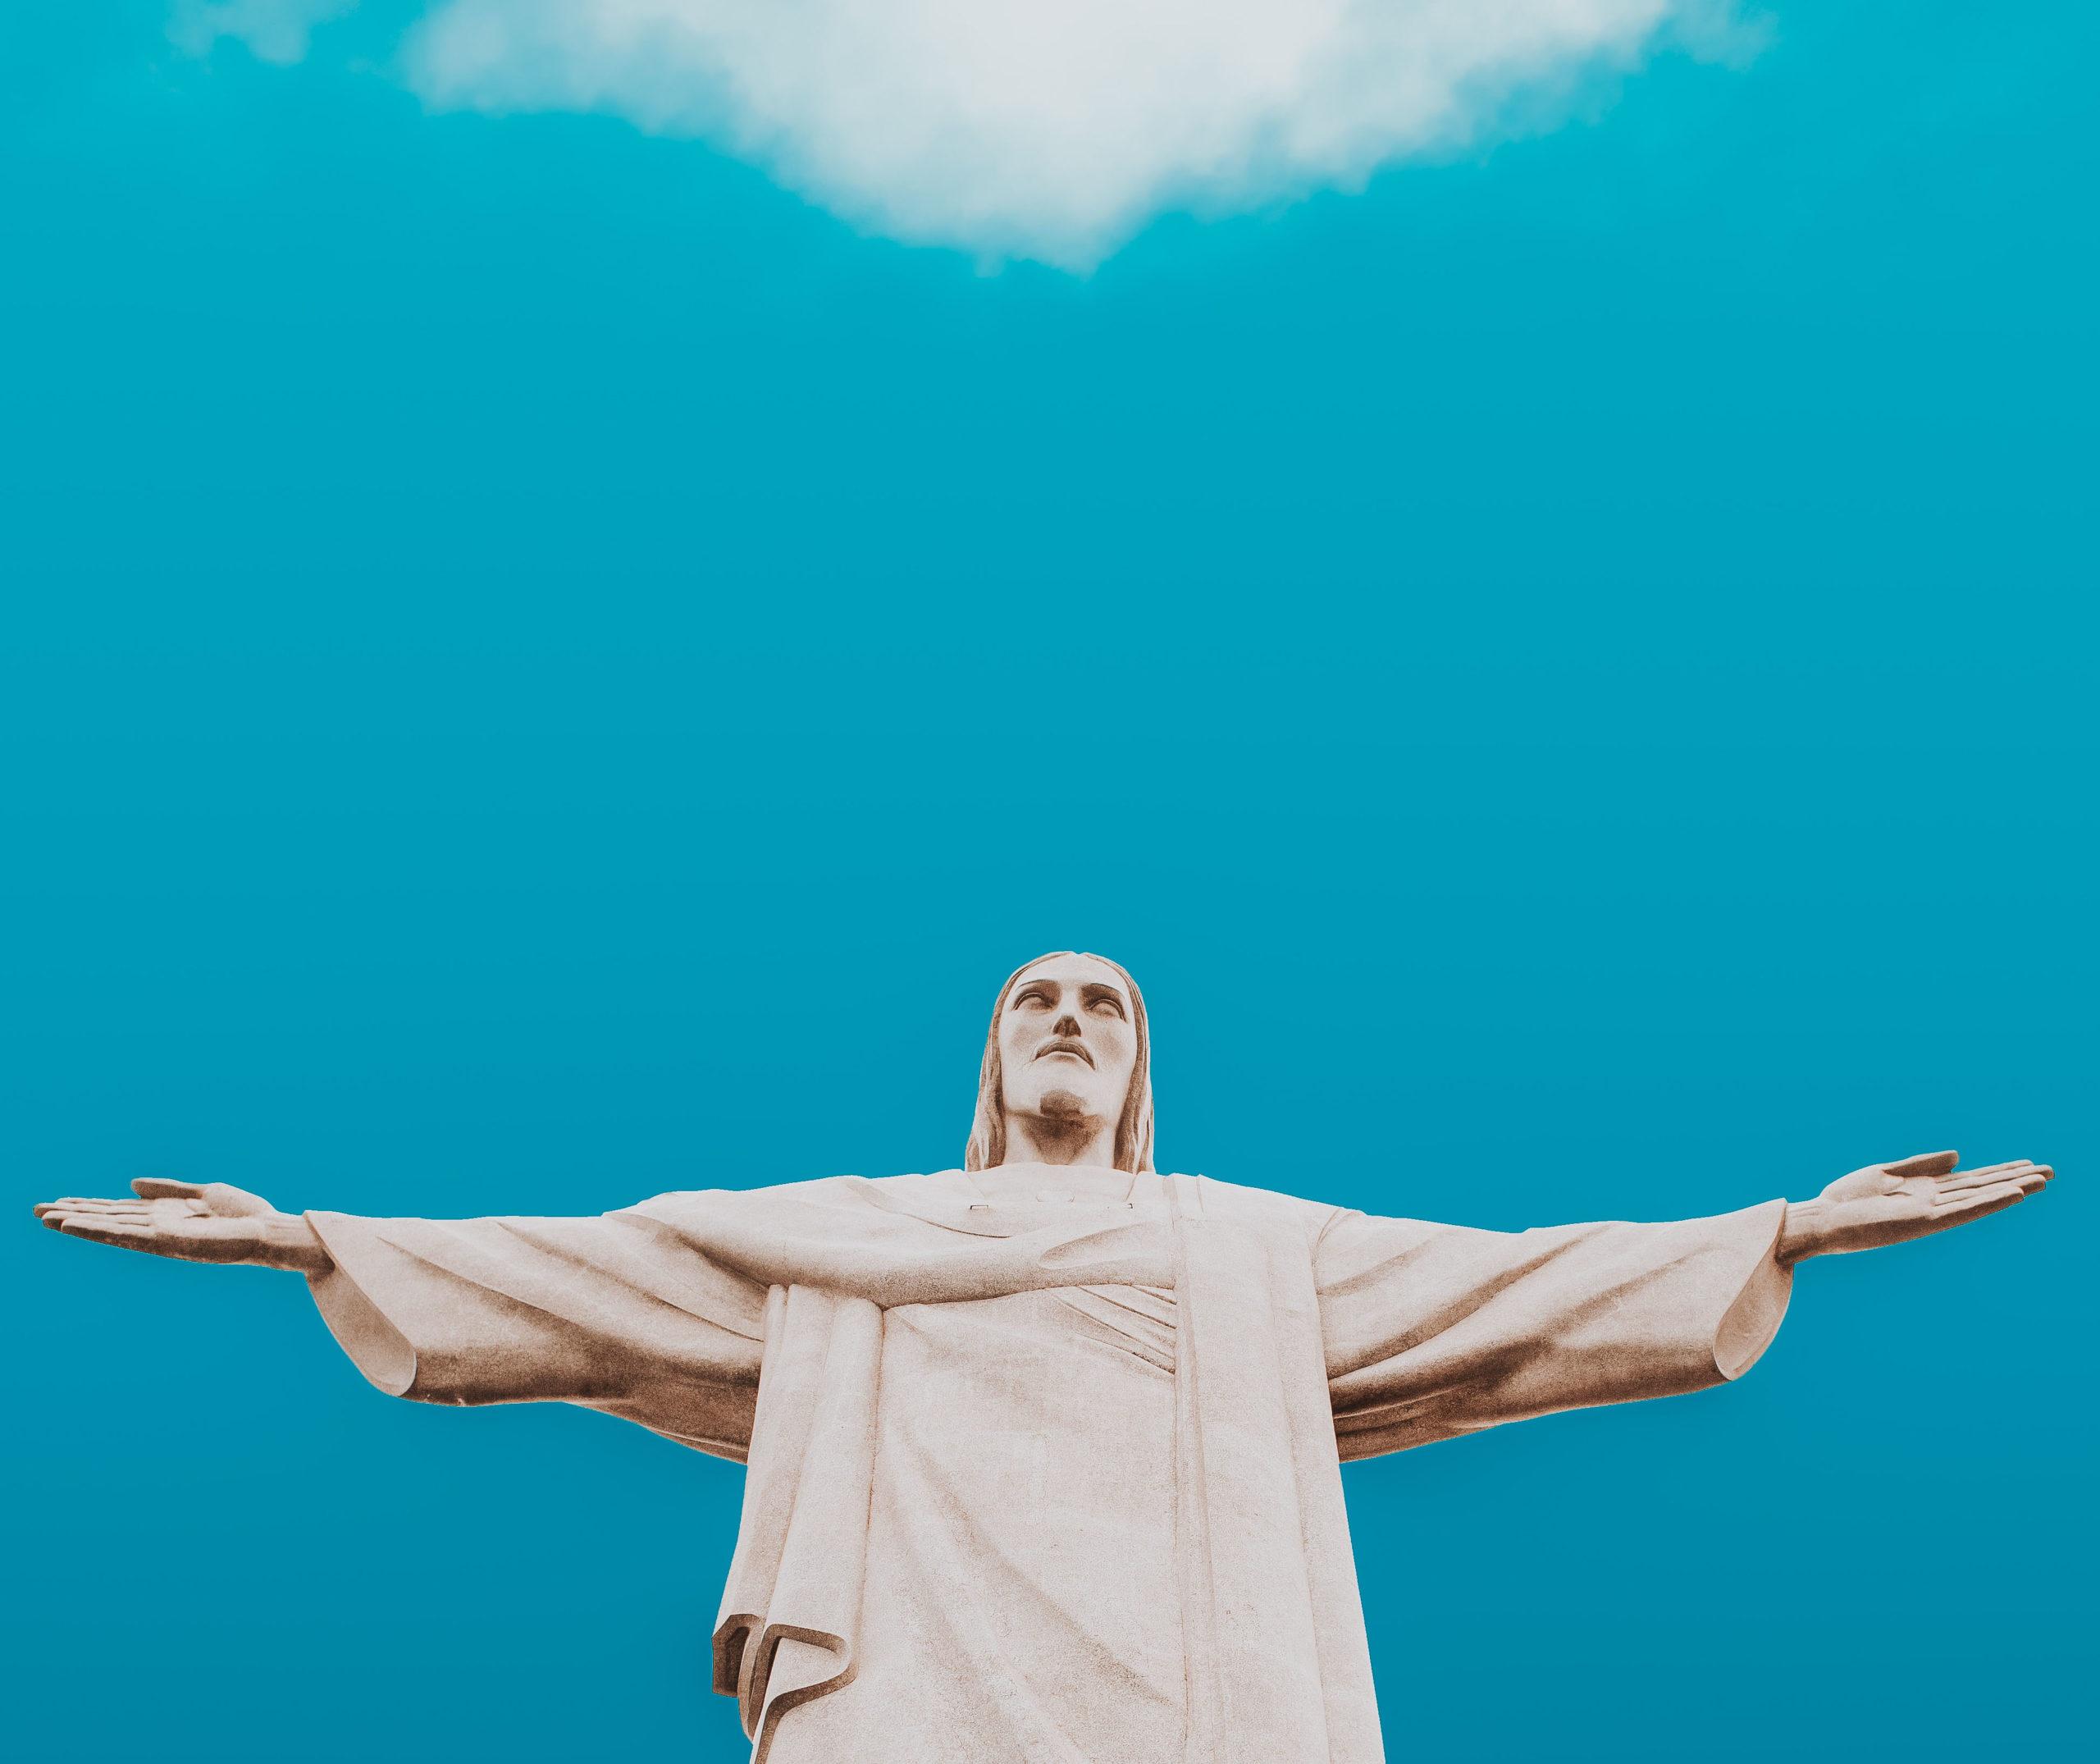 Dysphoric Jesus?